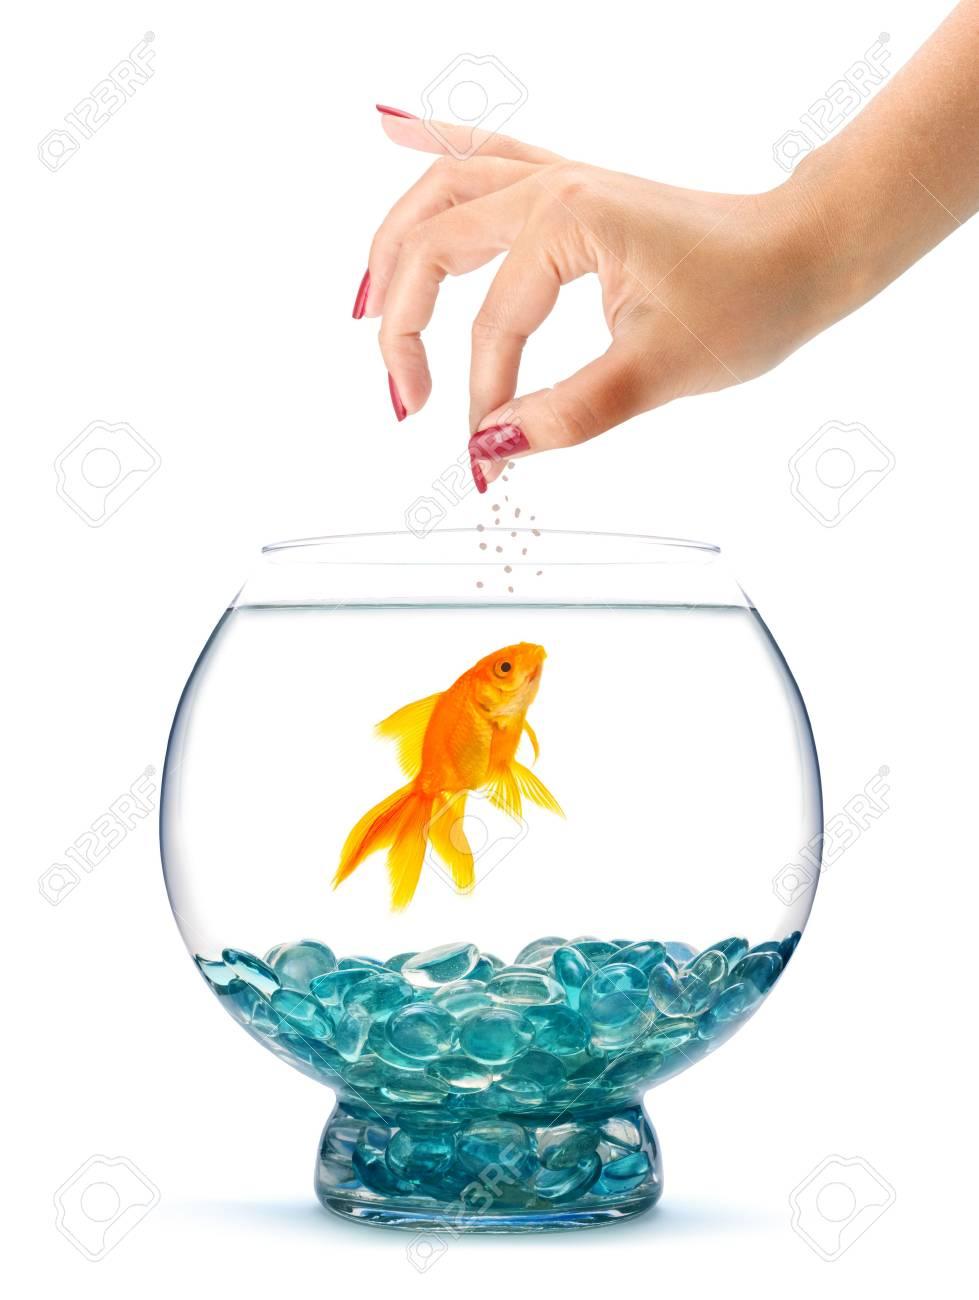 Goldfish in aquarium  isolated on a white background Stock Photo - 5771820